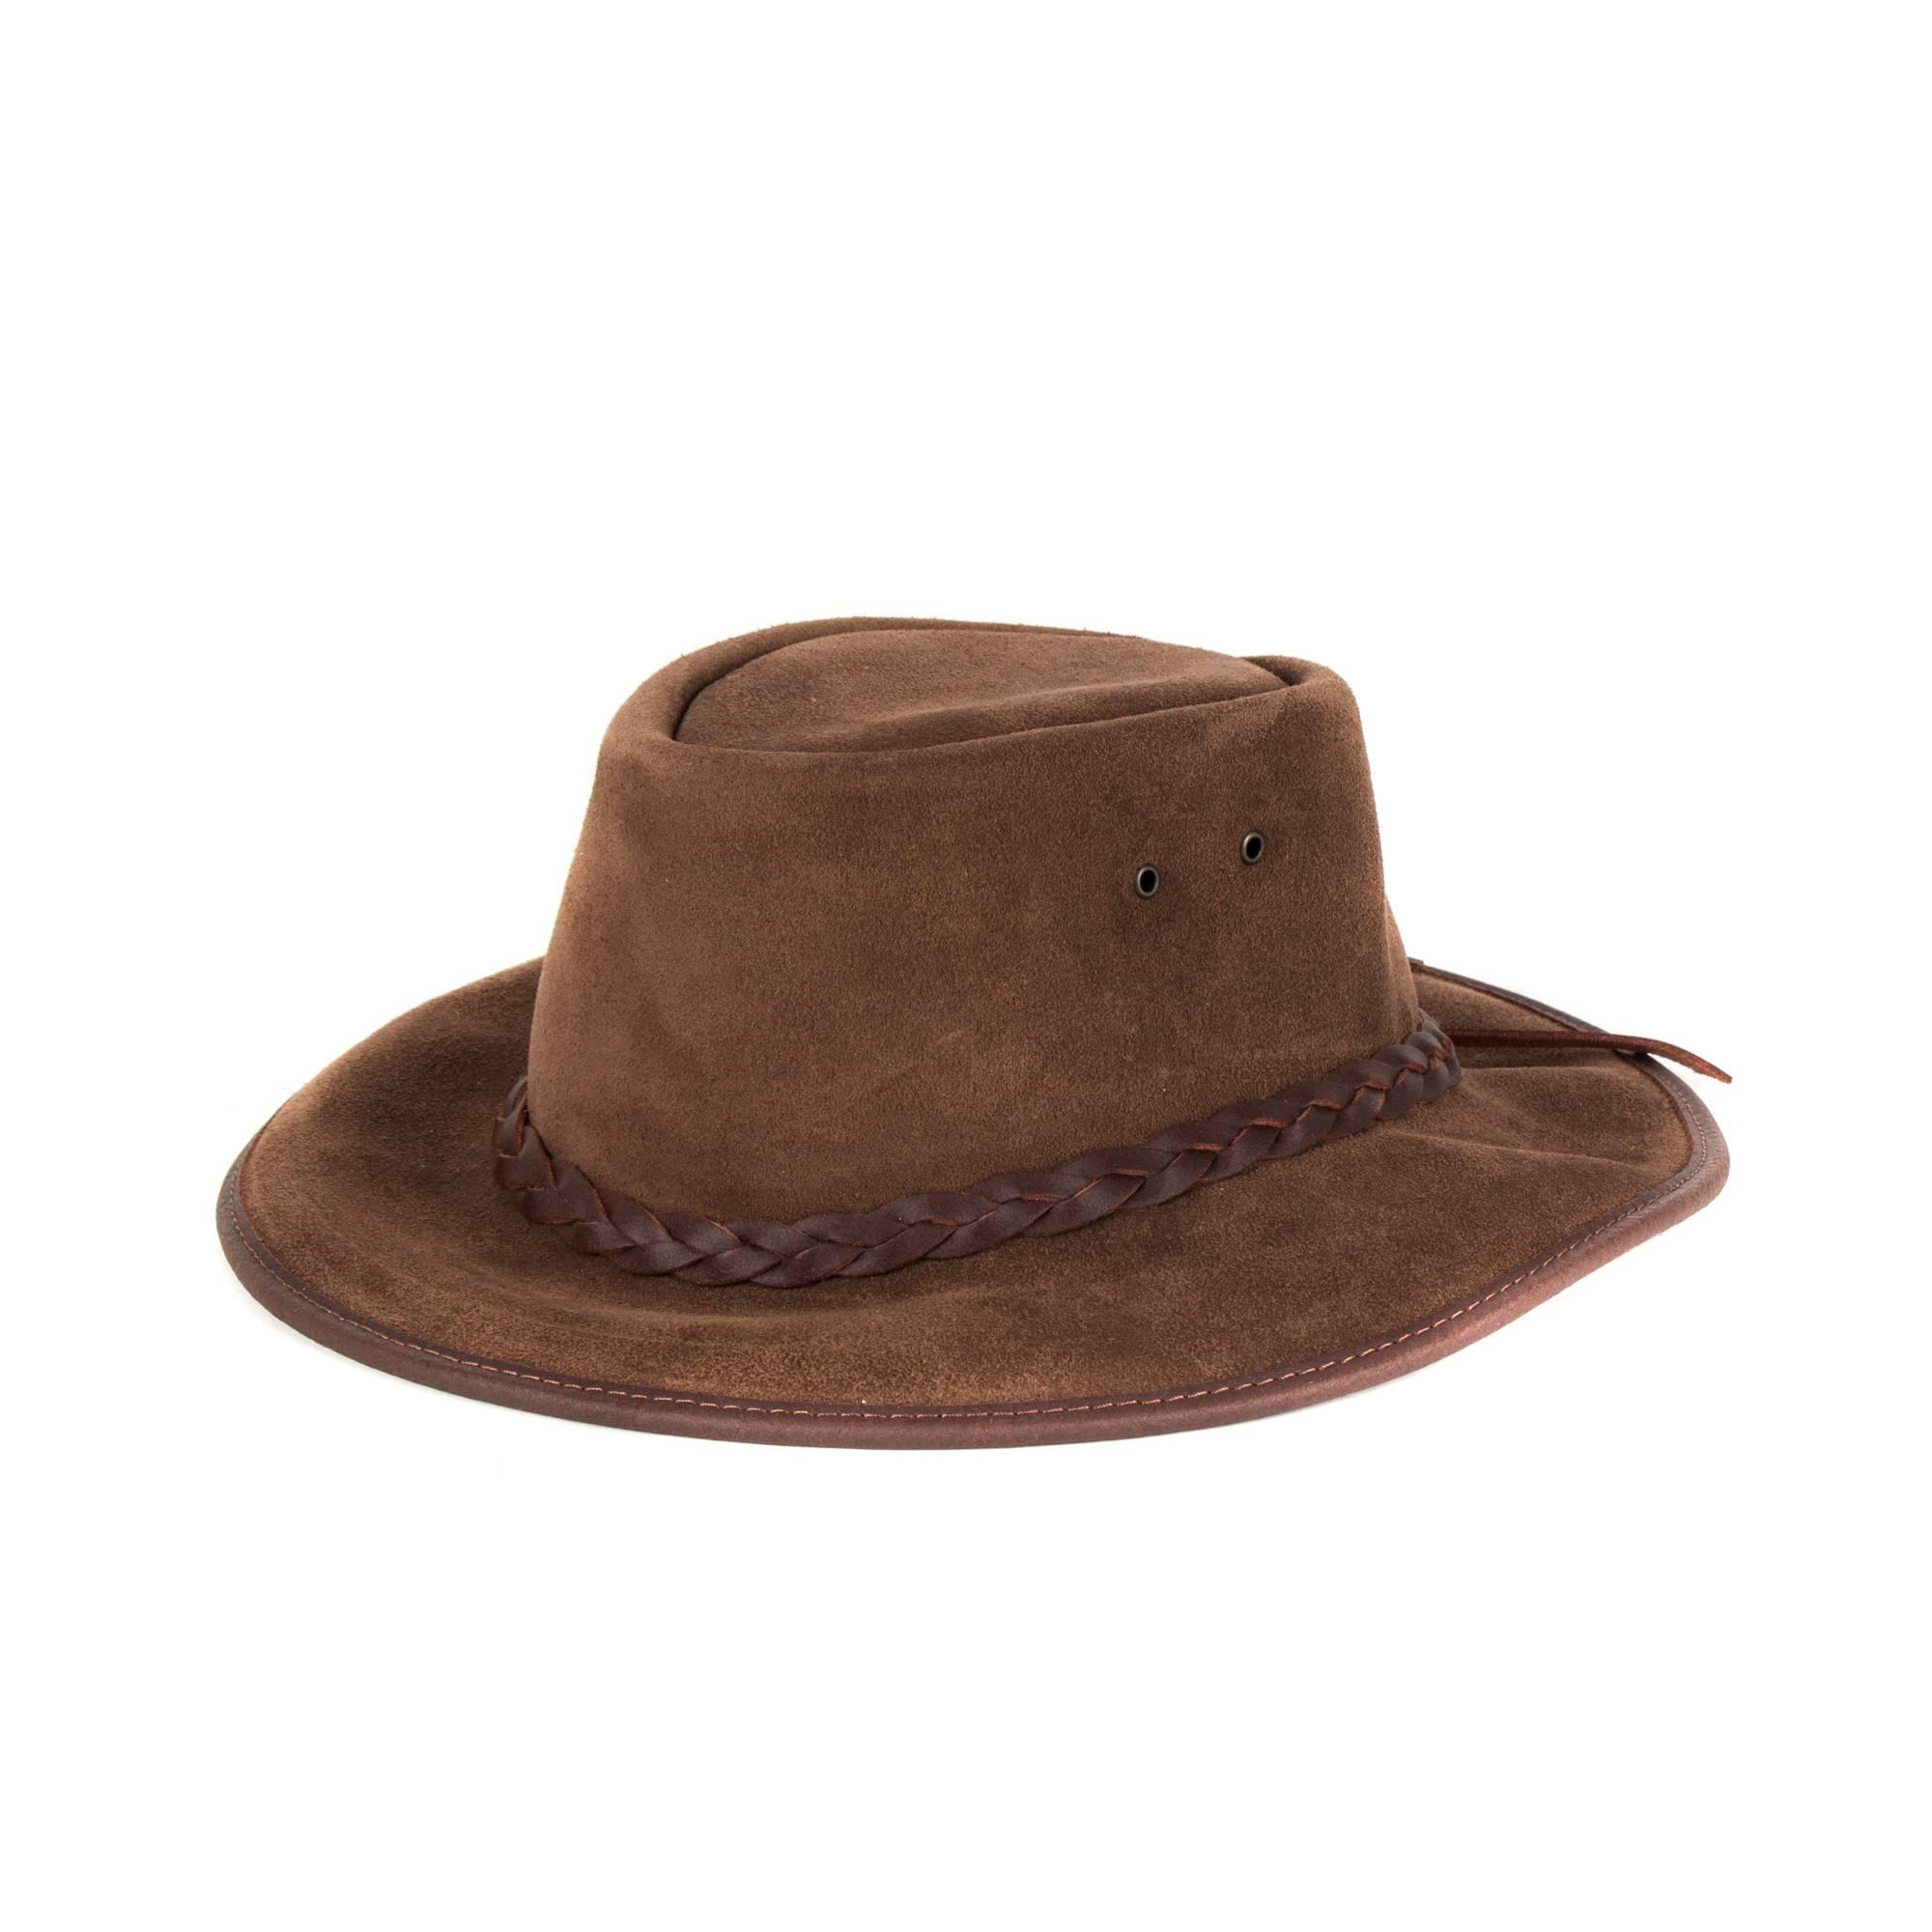 b5ac6ff82e2 MORGADO - Split Cowboy Leather Hat. Brown. Loading zoom